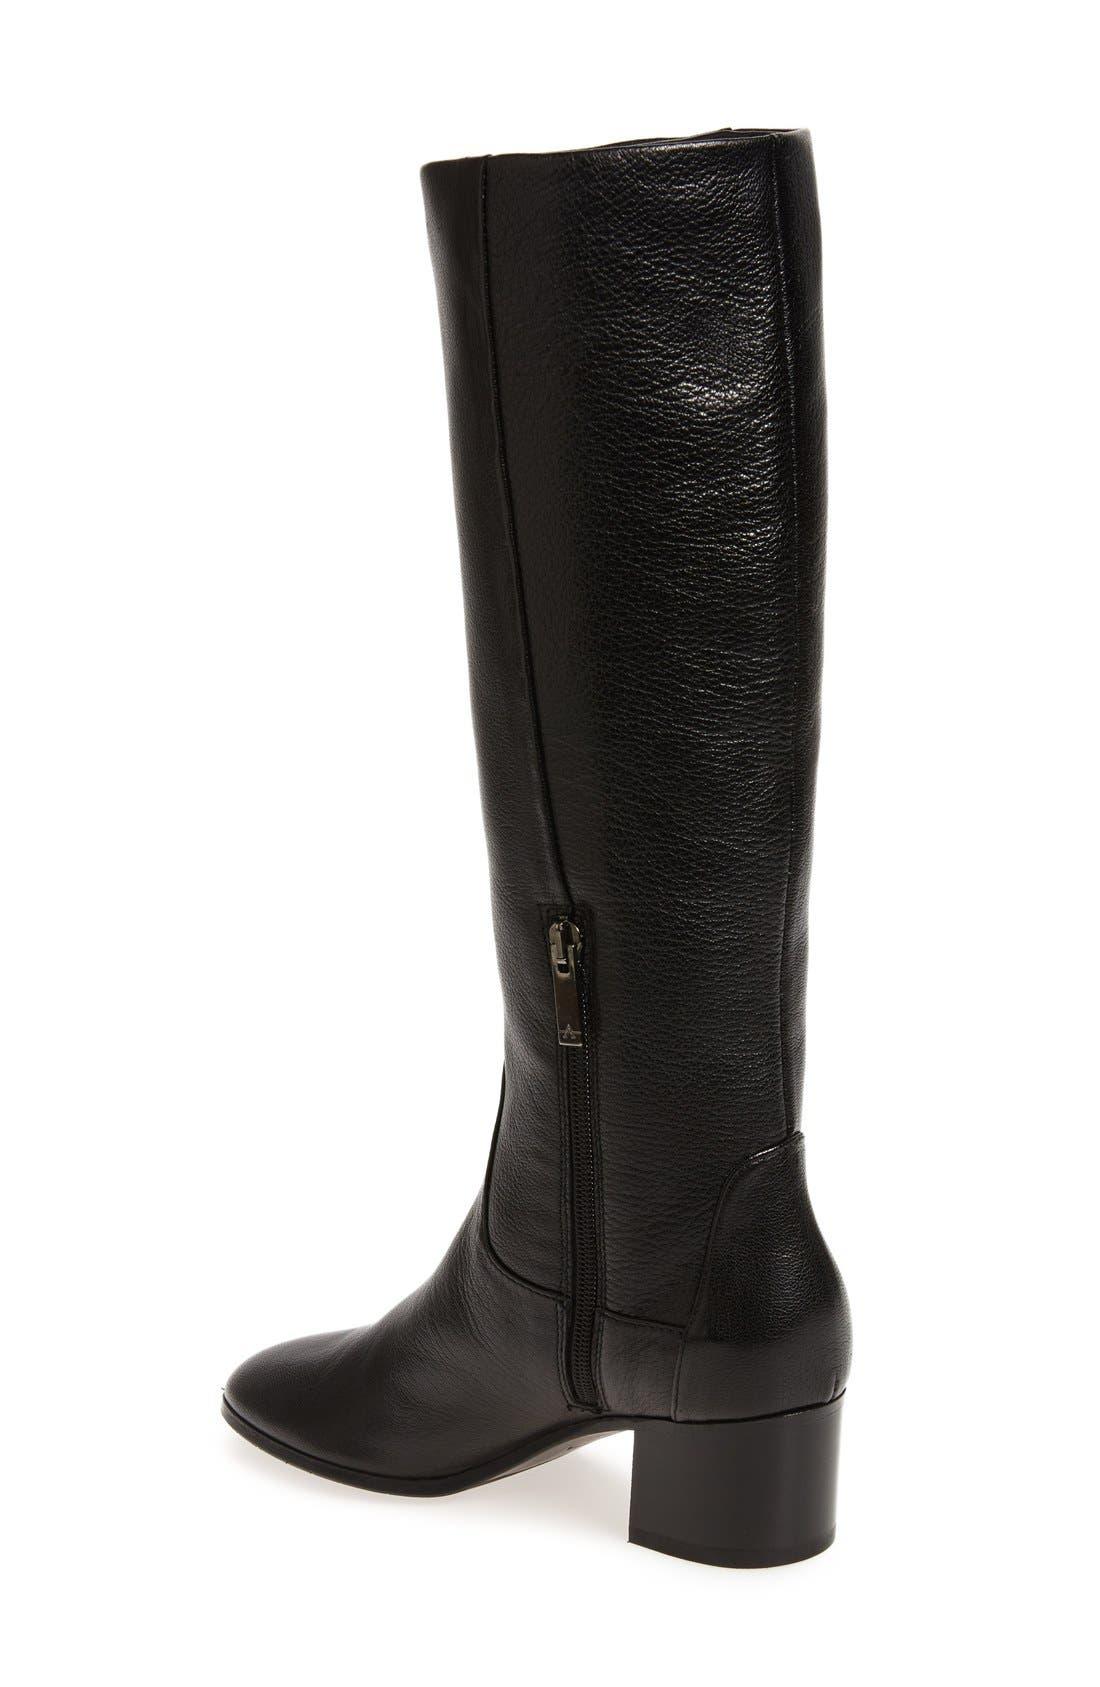 AQUATALIA,                             Deanna Weatherproof Knee High Boot,                             Alternate thumbnail 2, color,                             001